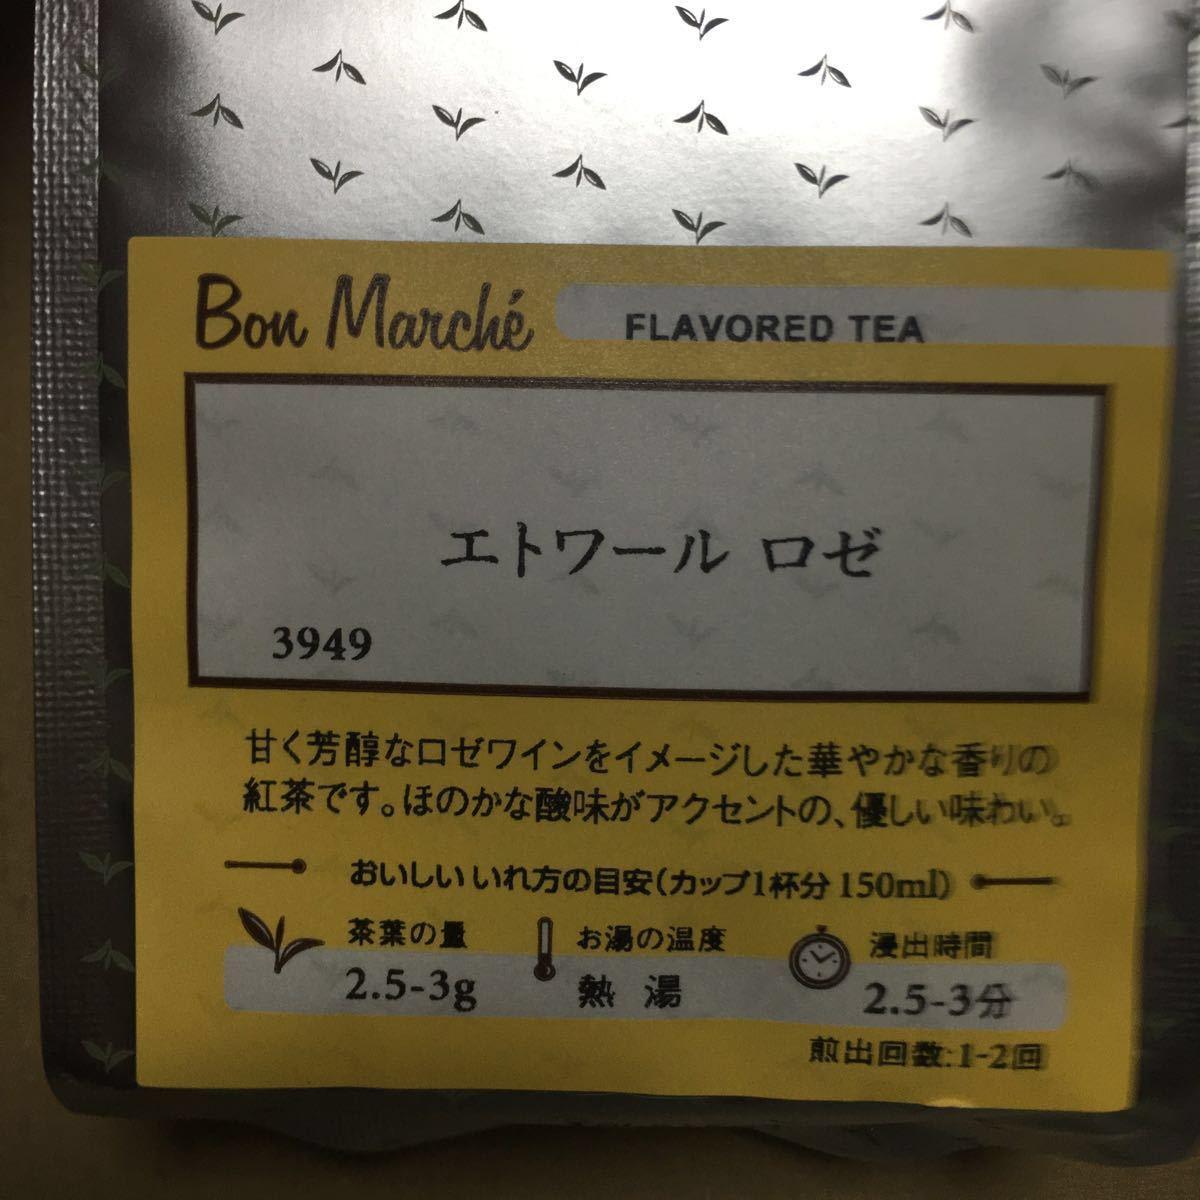 ルピシア エトワール ロゼ 50g フレーバードティー 紅茶 新品 未開封 ロゼワイン_画像1